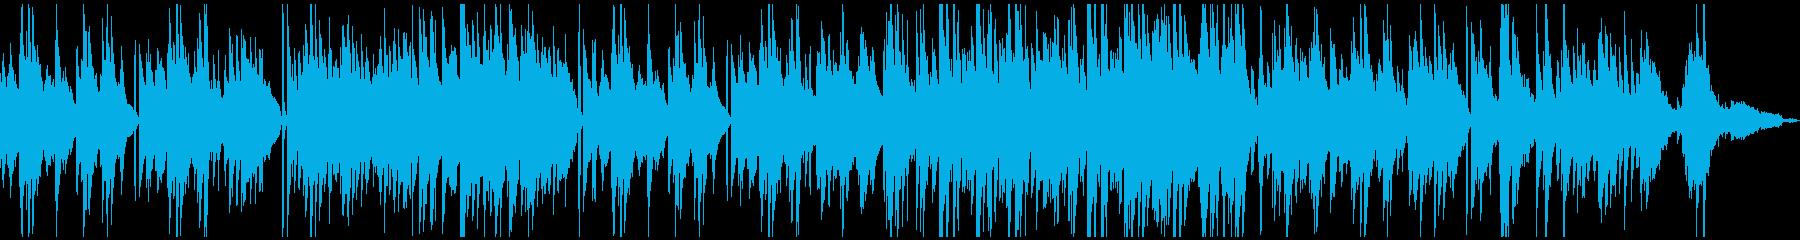 シックな雰囲気の大人のピアノバラードの再生済みの波形